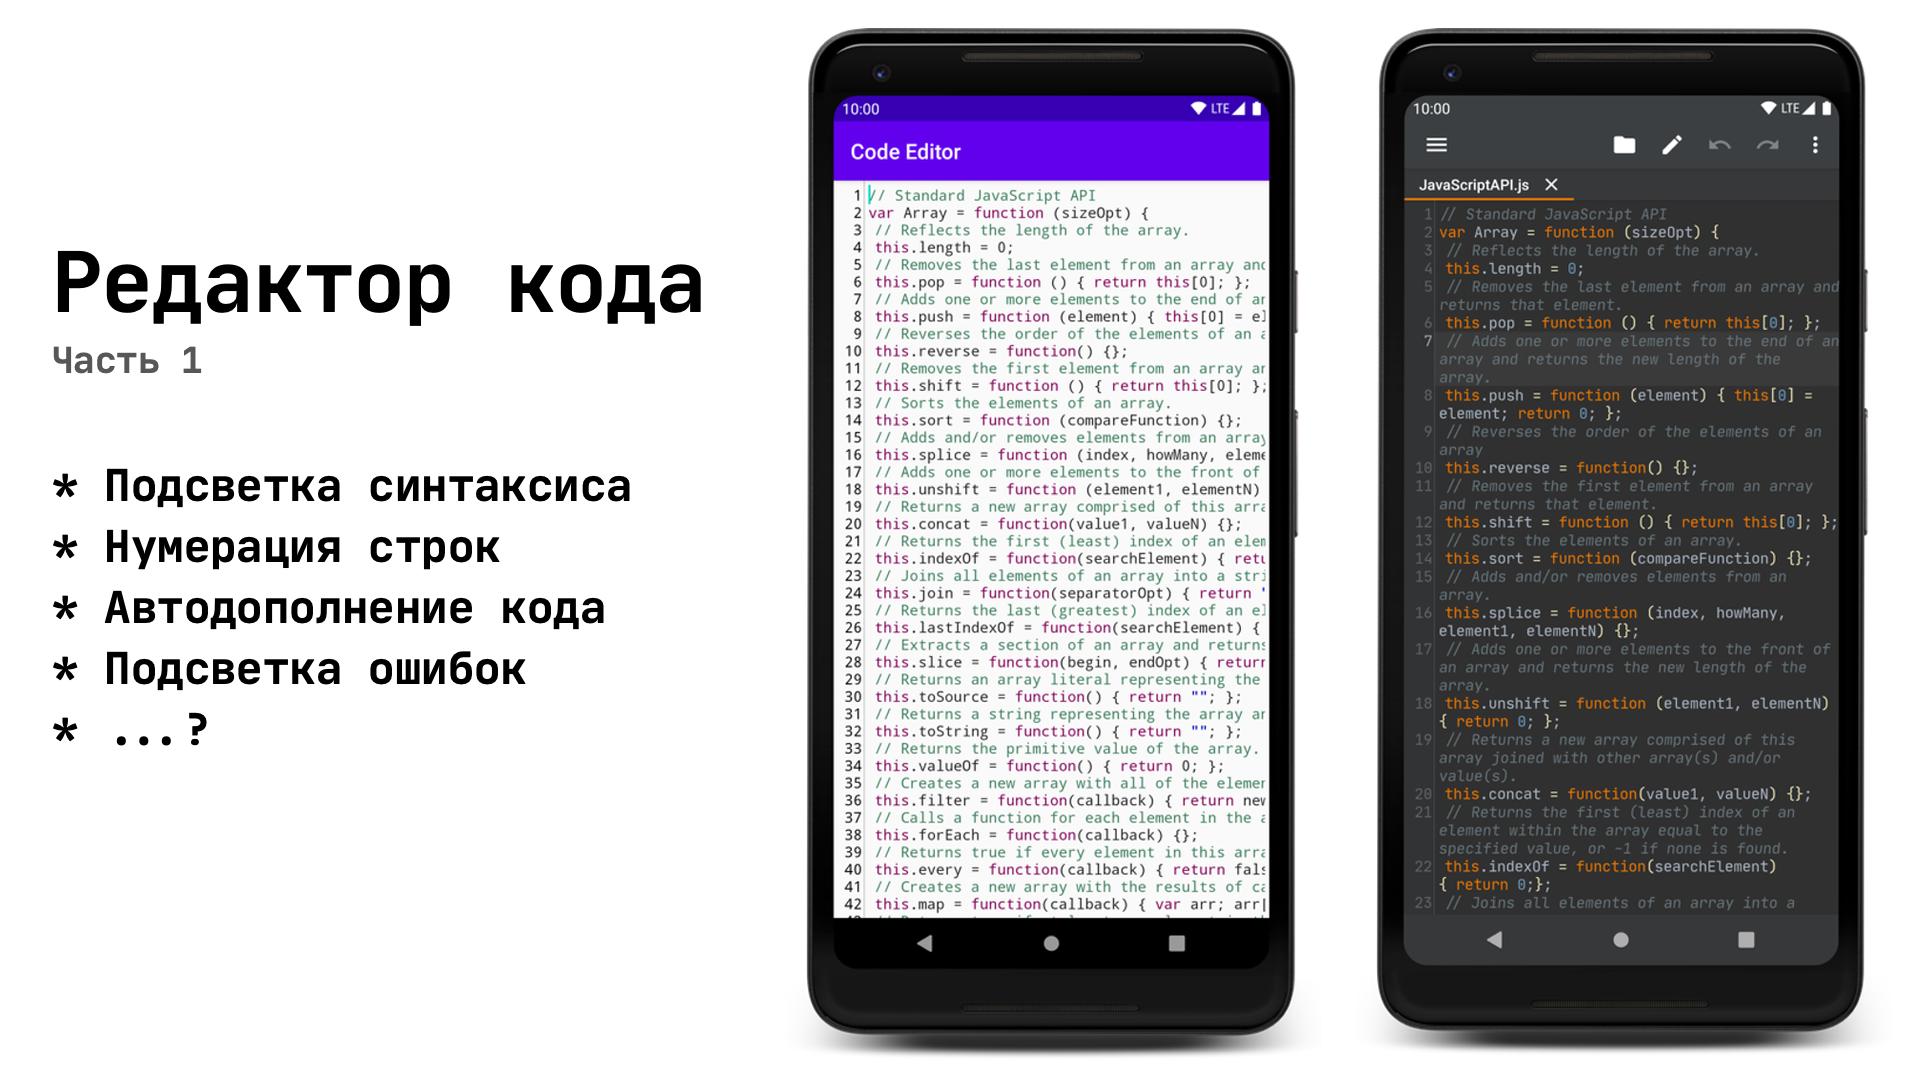 Из песочницы Редактор кода на Android часть 1